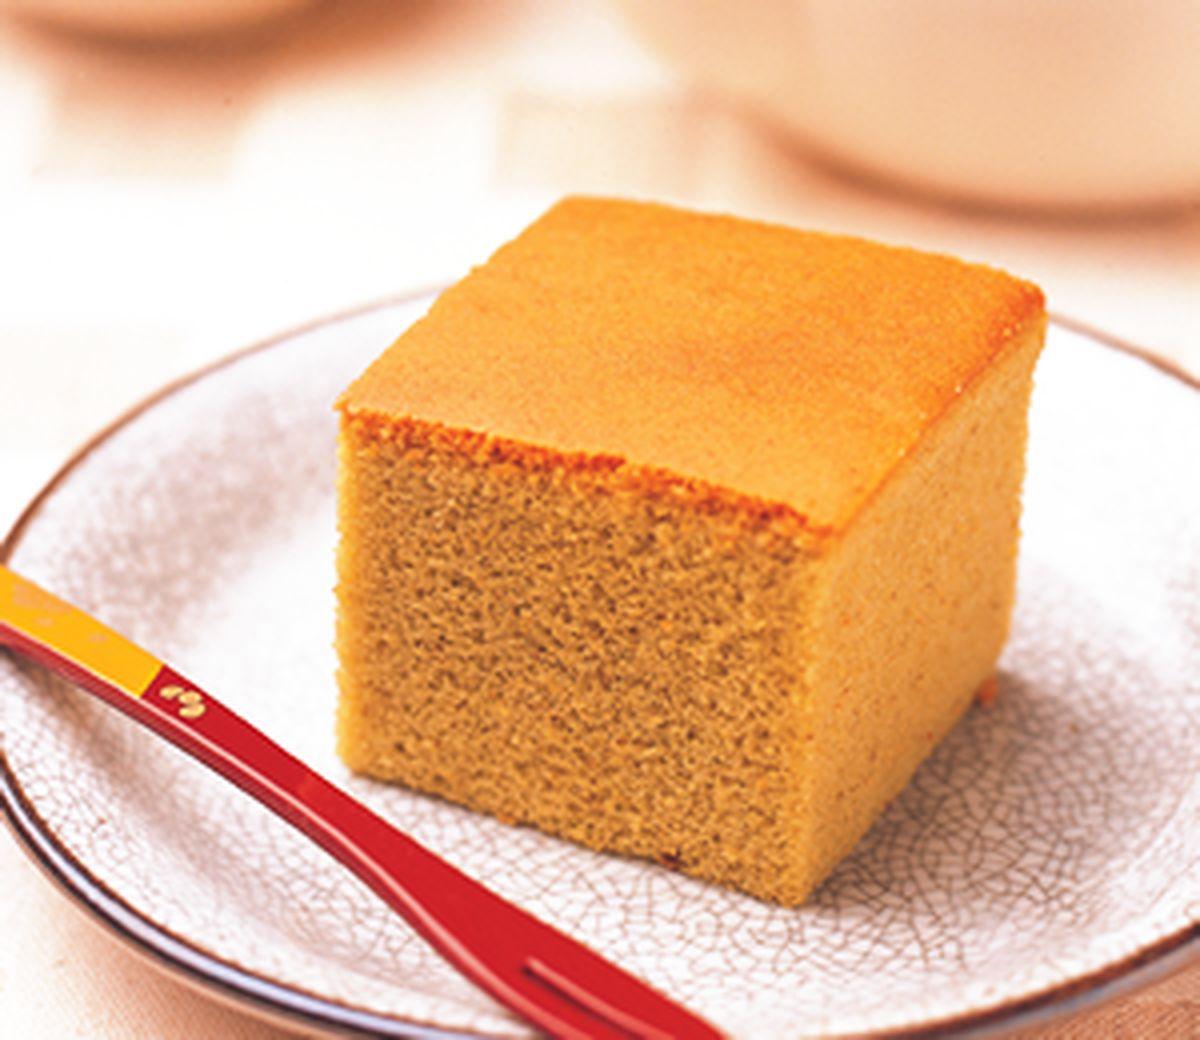 食譜:抹茶蜂蜜蛋糕